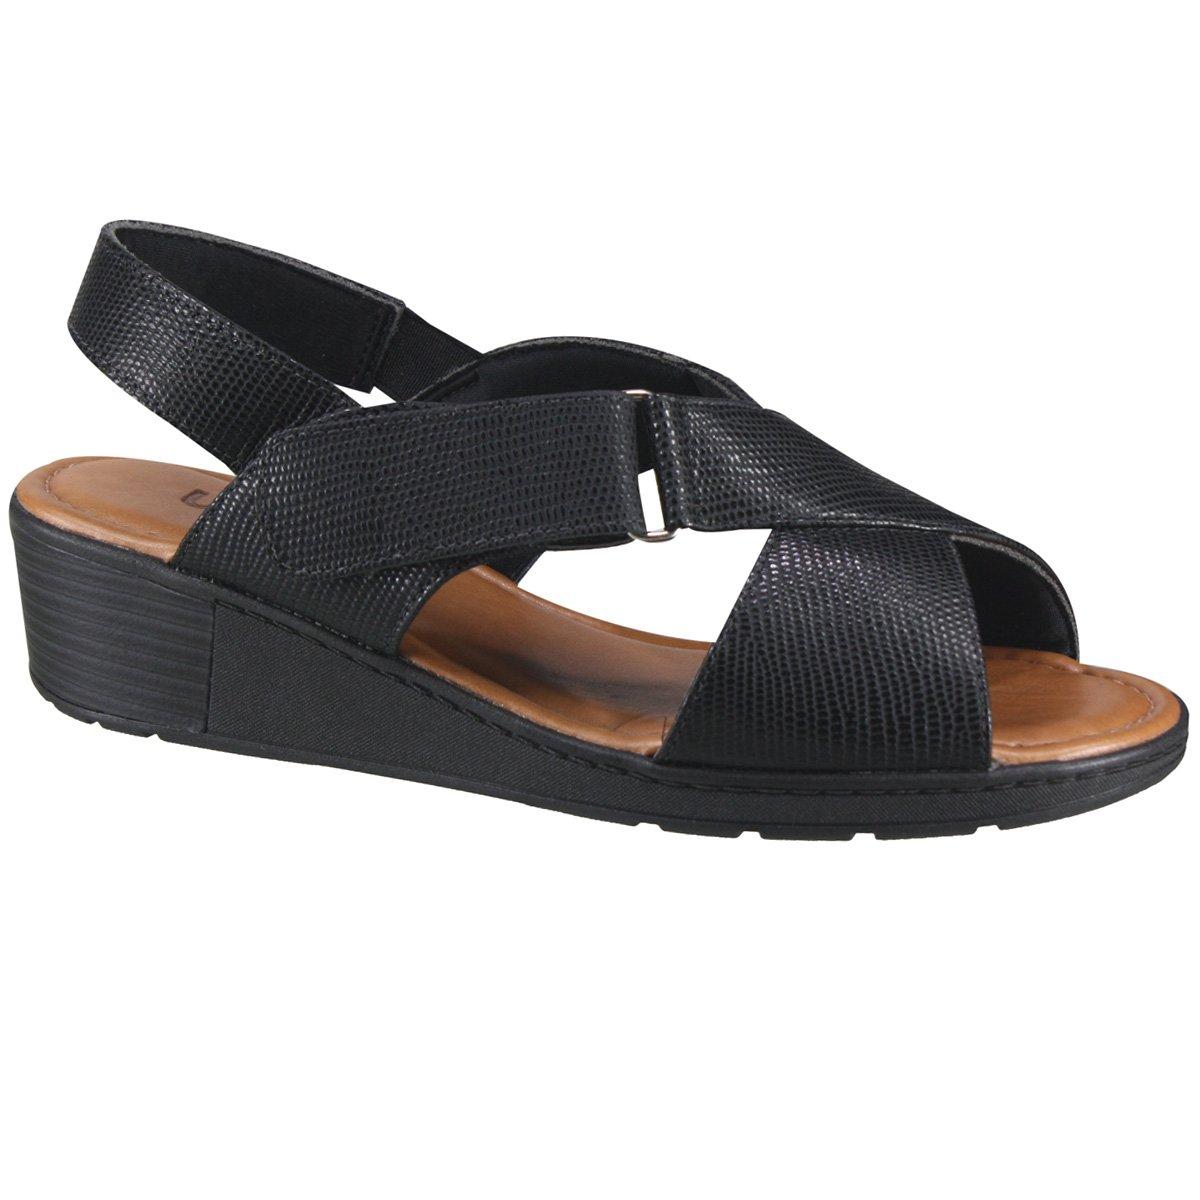 4c272ebd4 Sandália Usaflex Anabela Z8307 2 - Preto (Galapagos) - Calçados ...